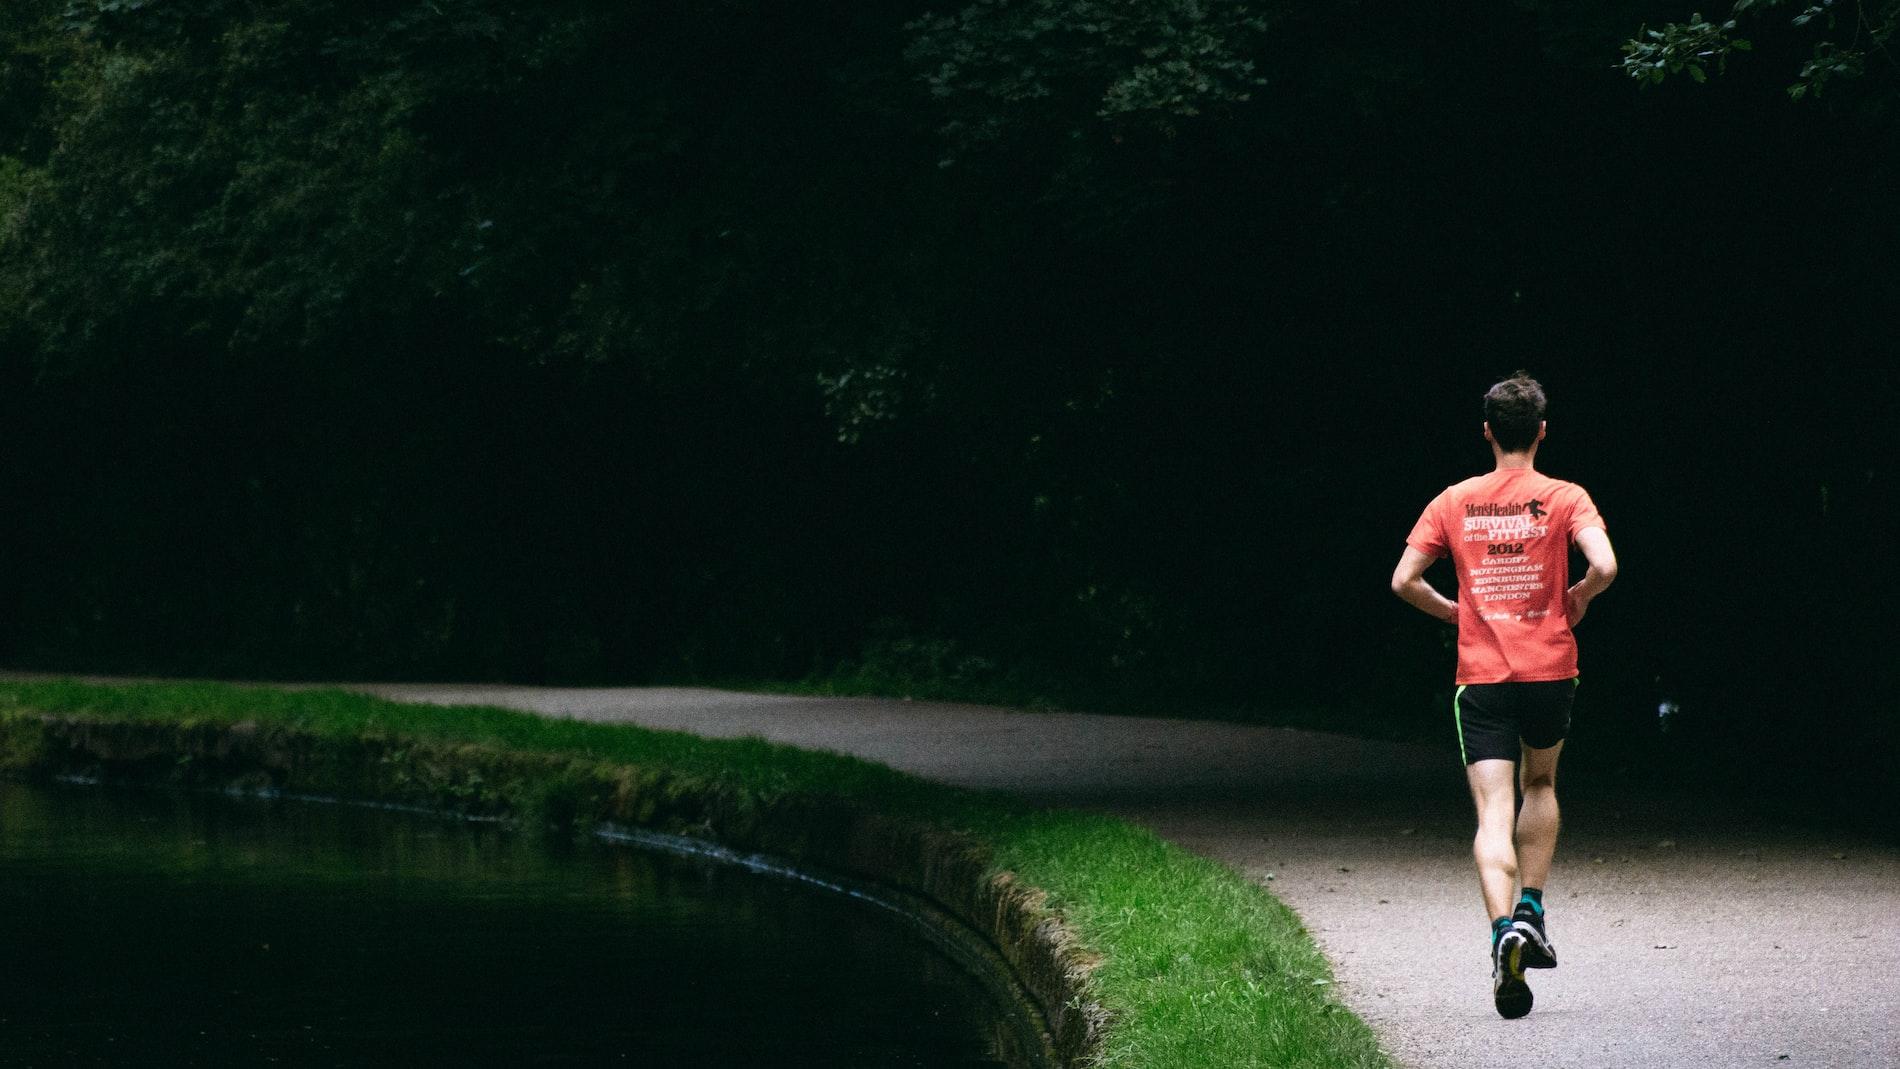 skridtlængde og kadence ved løb og løbekadence